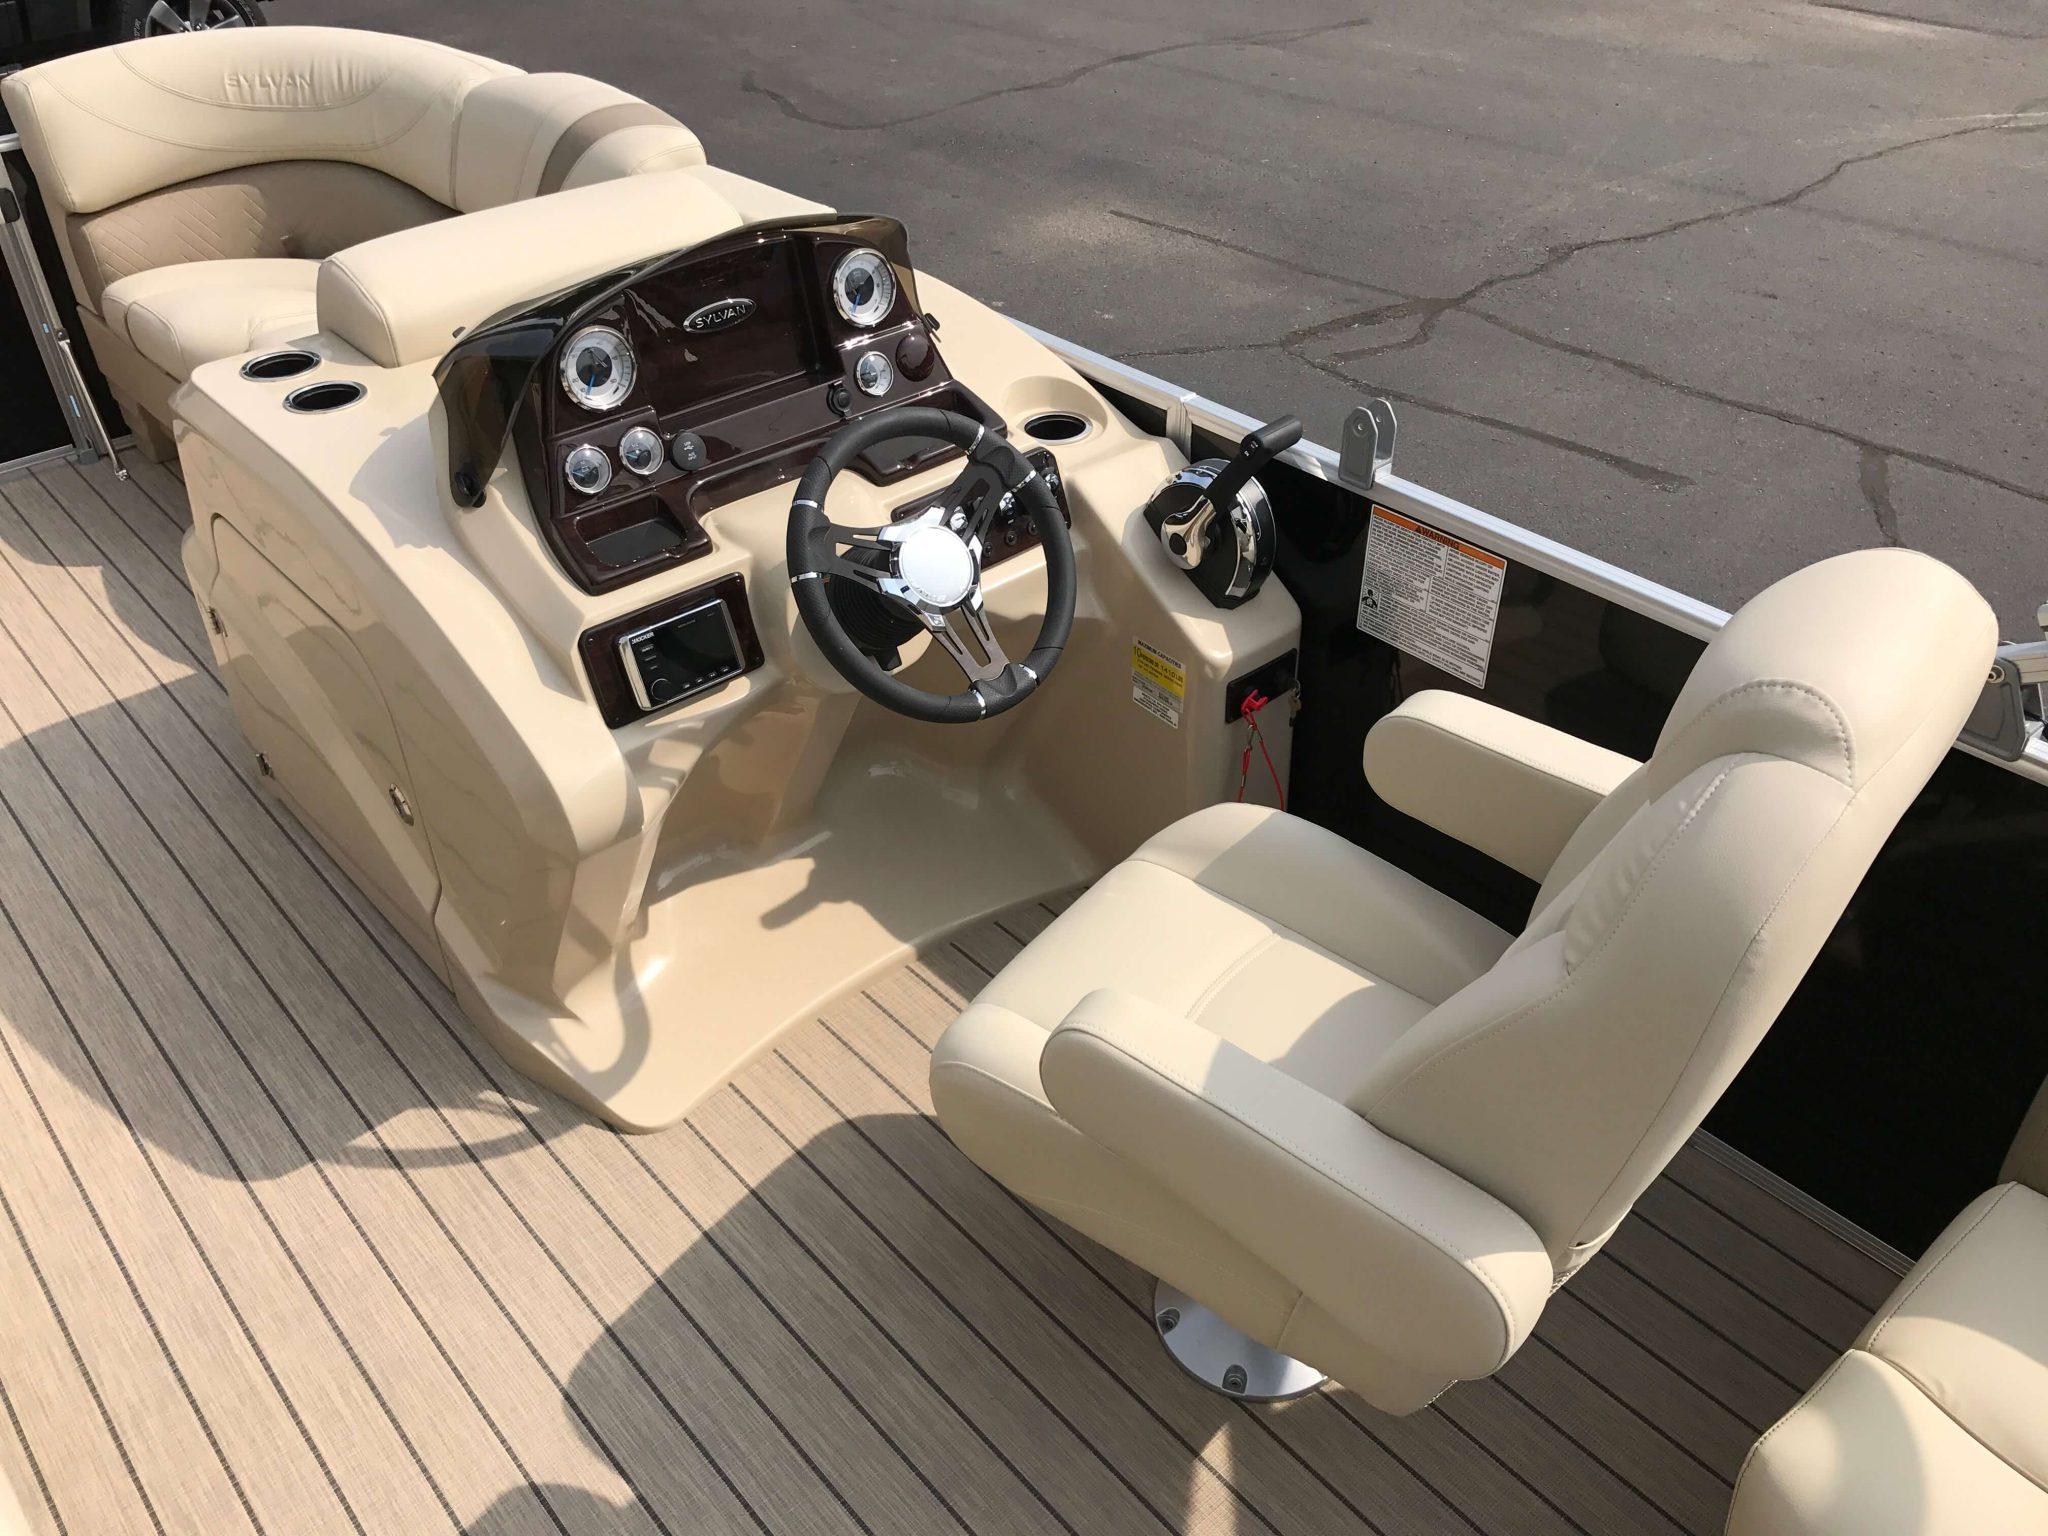 2019 Sylvan 8520 LZ LE Helm And Captains Chair